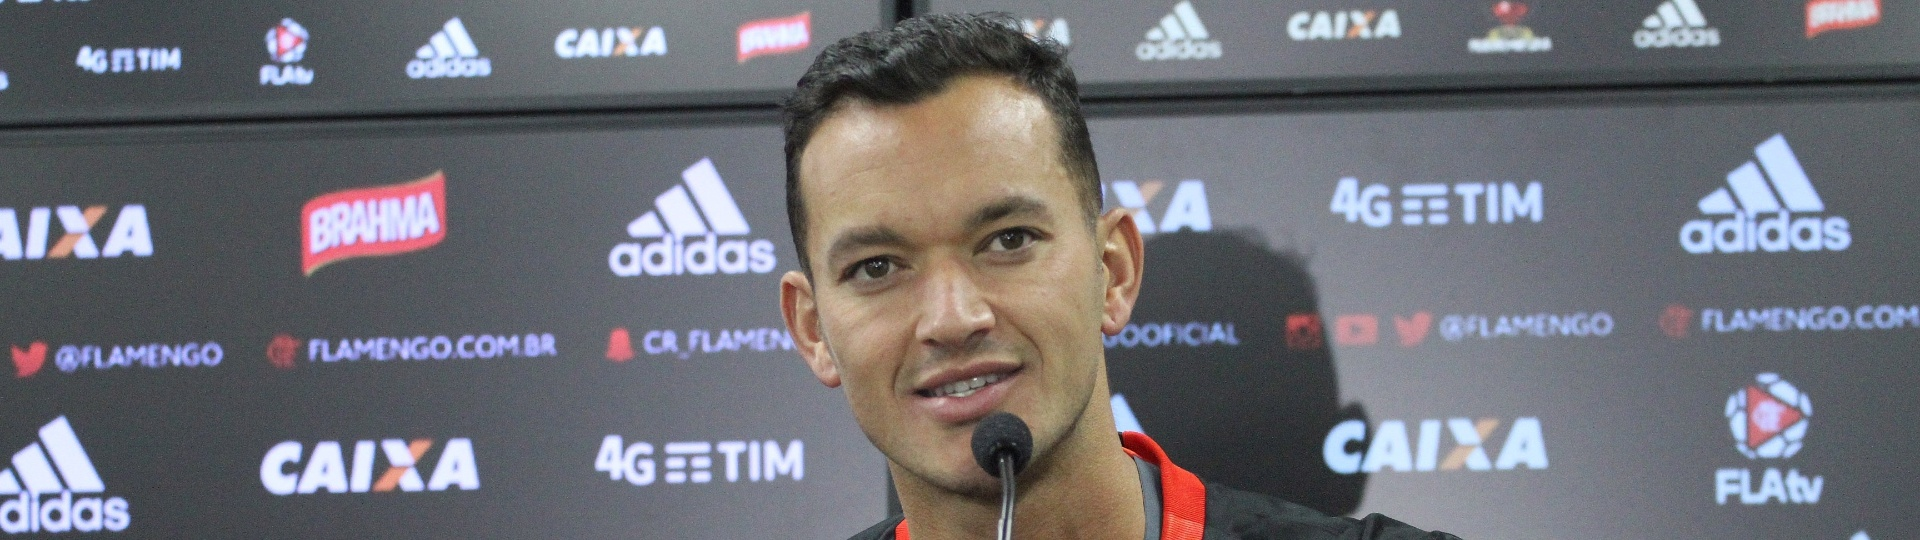 Réver concede entrevista coletiva após assinar contrato por um ano com o Flamengo